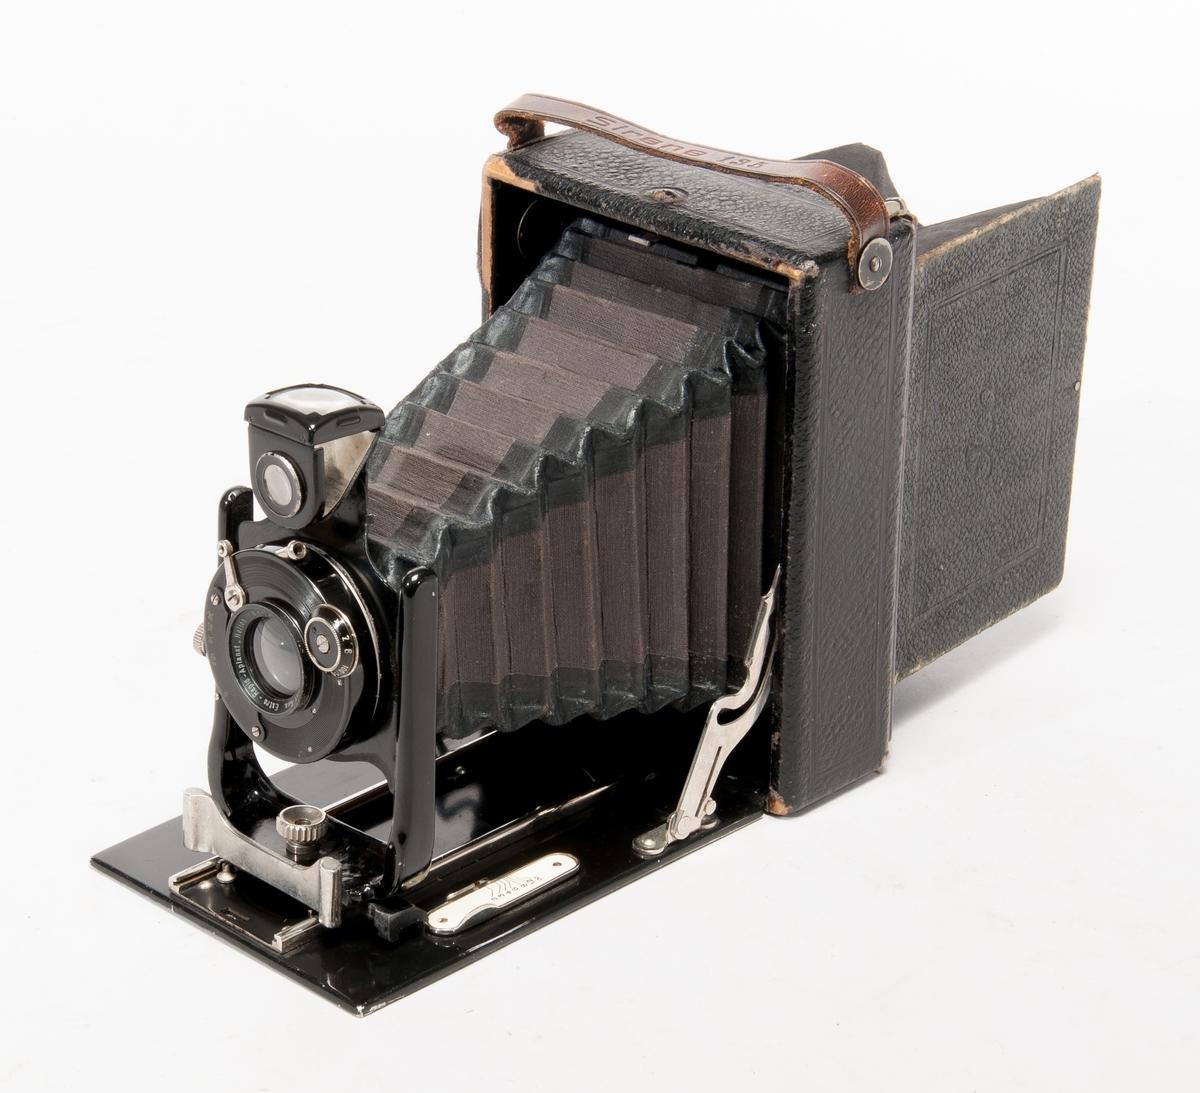 Bälgkamera Ica typ Sirene 135, tillverkningsnr G 74673. Optik Extra-Rapid-Apianat Helios, 1:8 F=13 cm nr 505968. Med sju bakstycken för bladfilm 8x12 cm och en mattskiva.